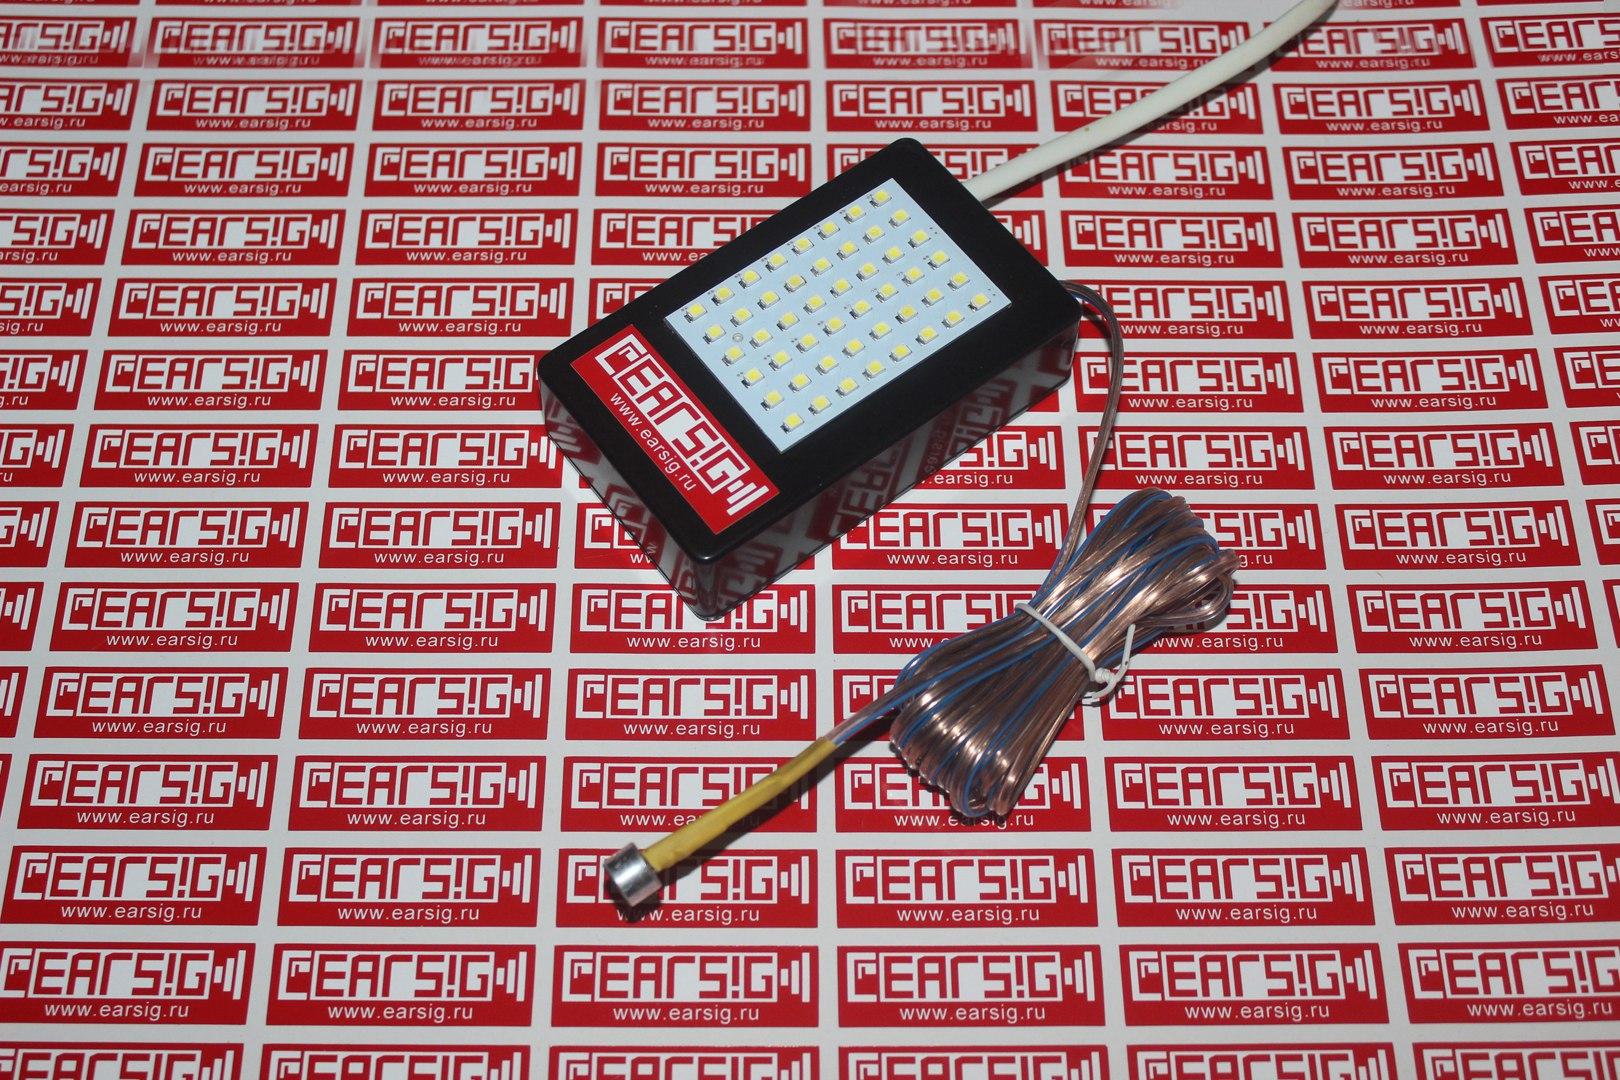 Сигнализатор звука или плачь ребёнка цифровой с мощной световой индикацией.